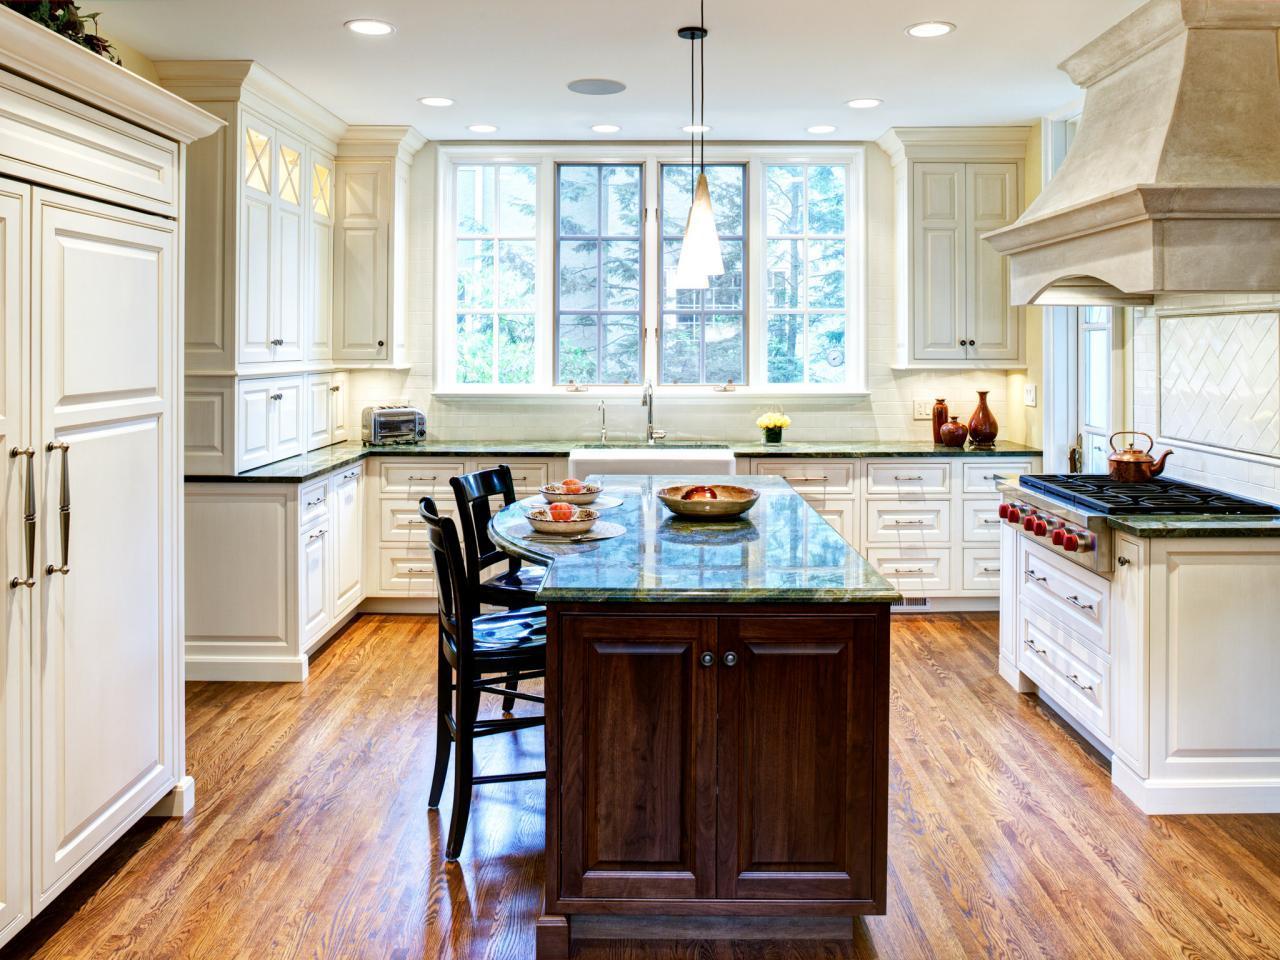 Кухонные окна со шпросами гармонично сочетаются с классическим дизайном кухни